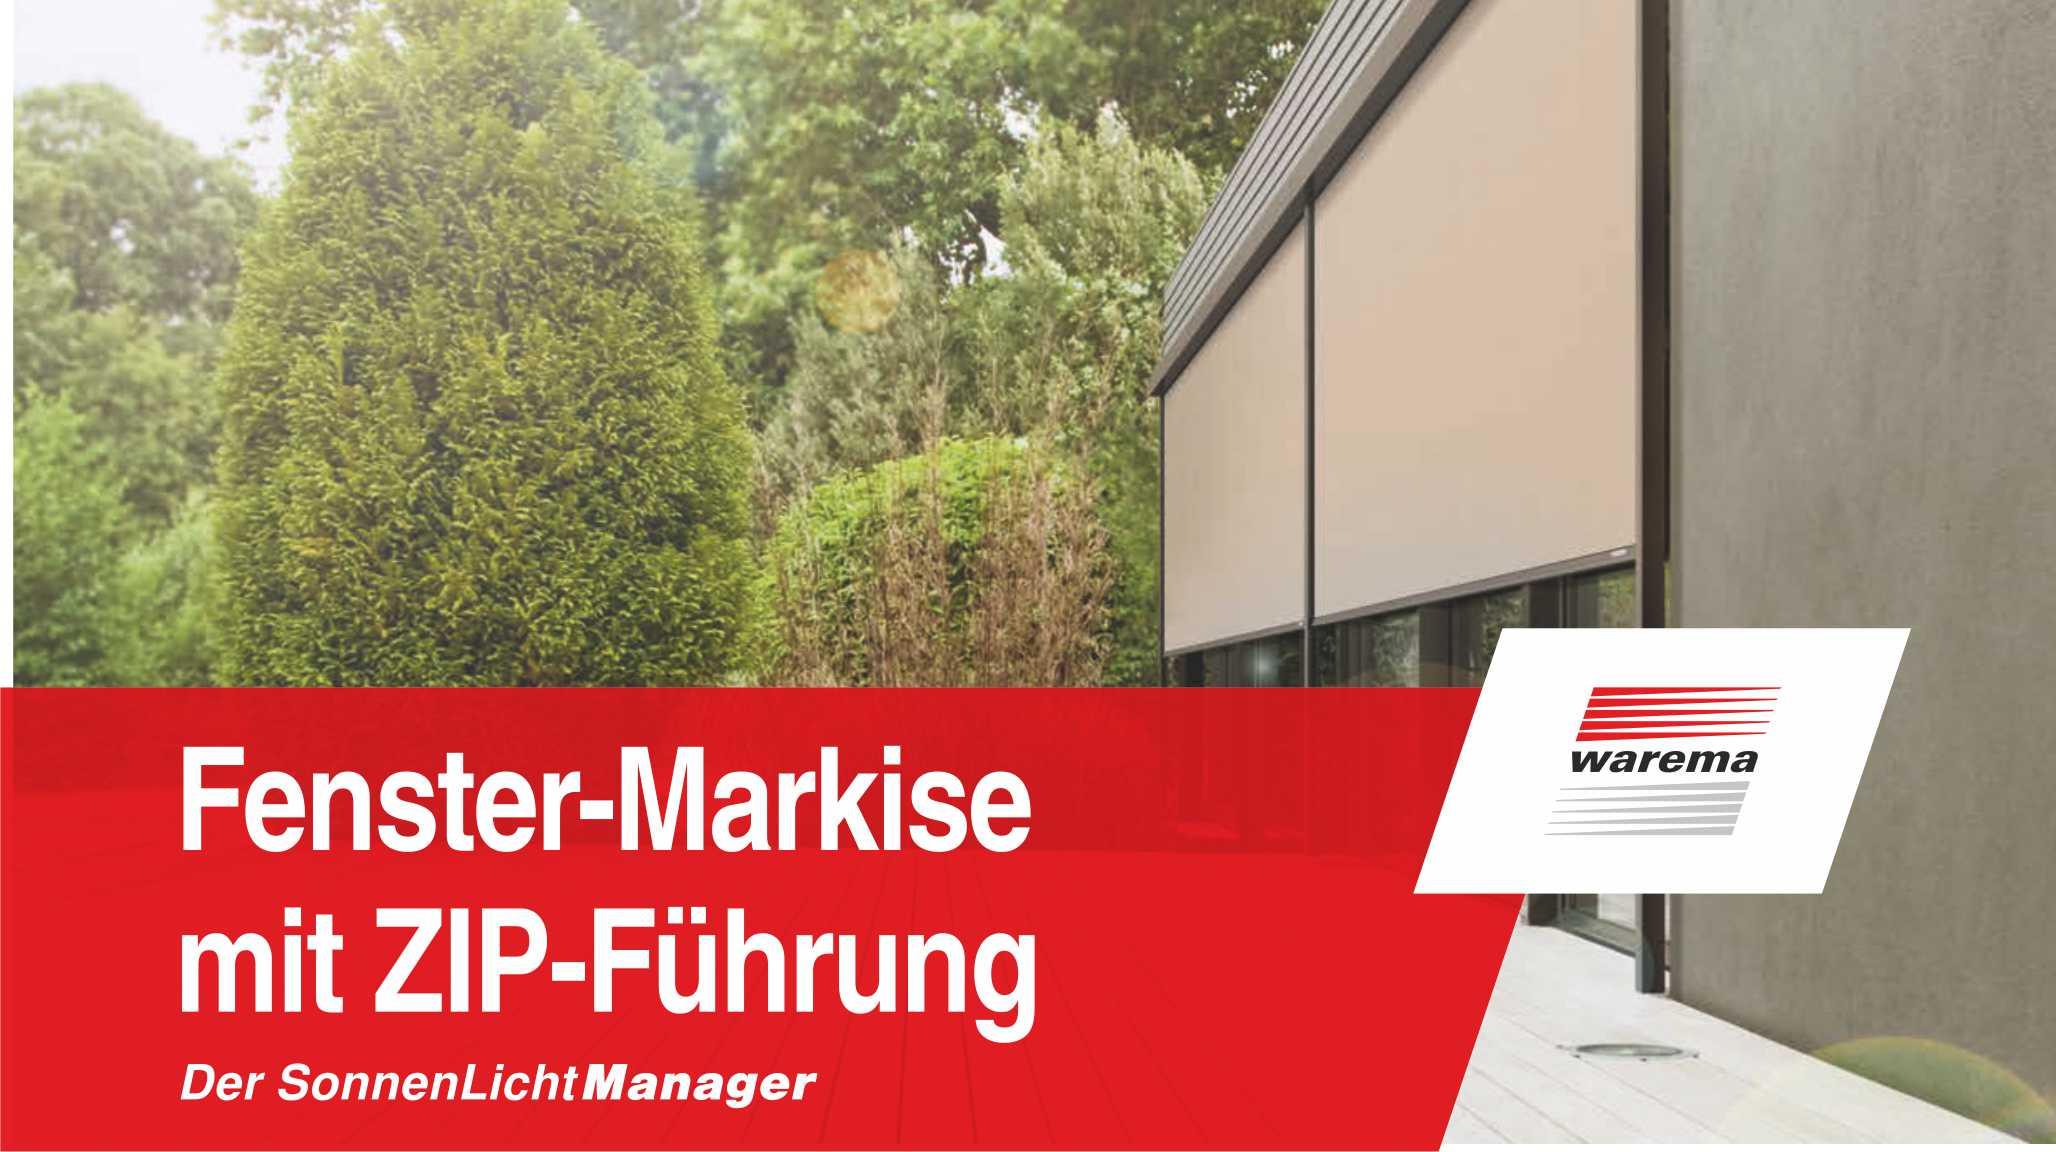 Fenster-Markise-mit-ZIP-Fuehrung Home